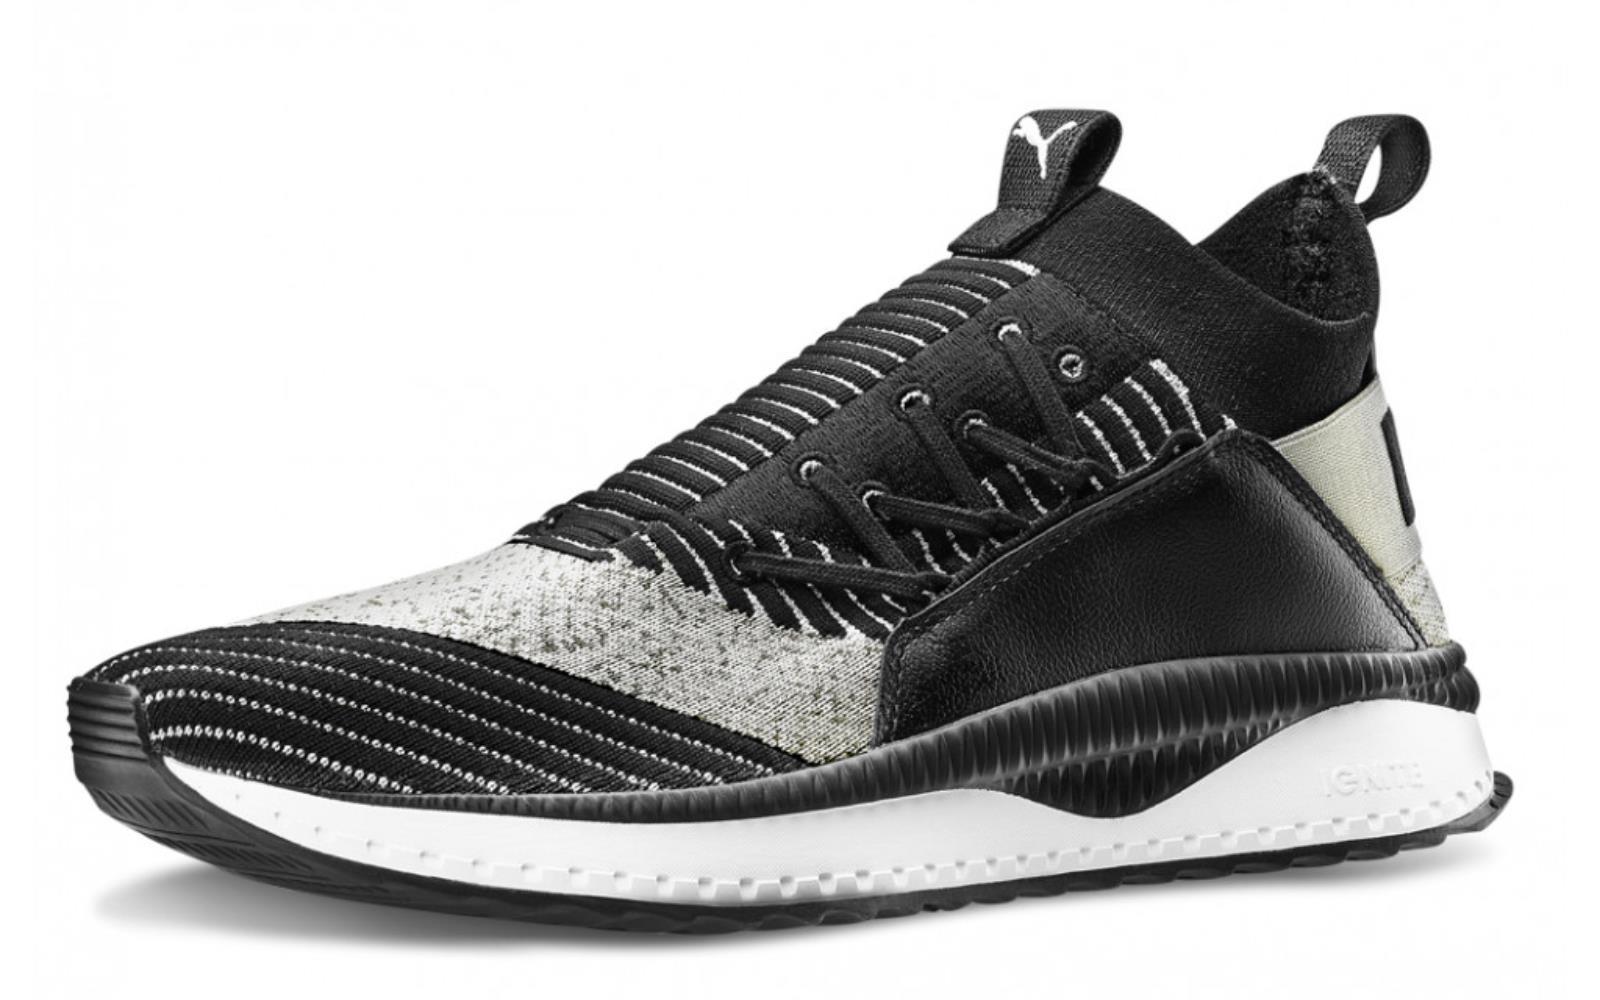 Sneaker Puma Jun Peluk Lusciano 20172018 Tsugi Collezione Firme FlK1cTJ